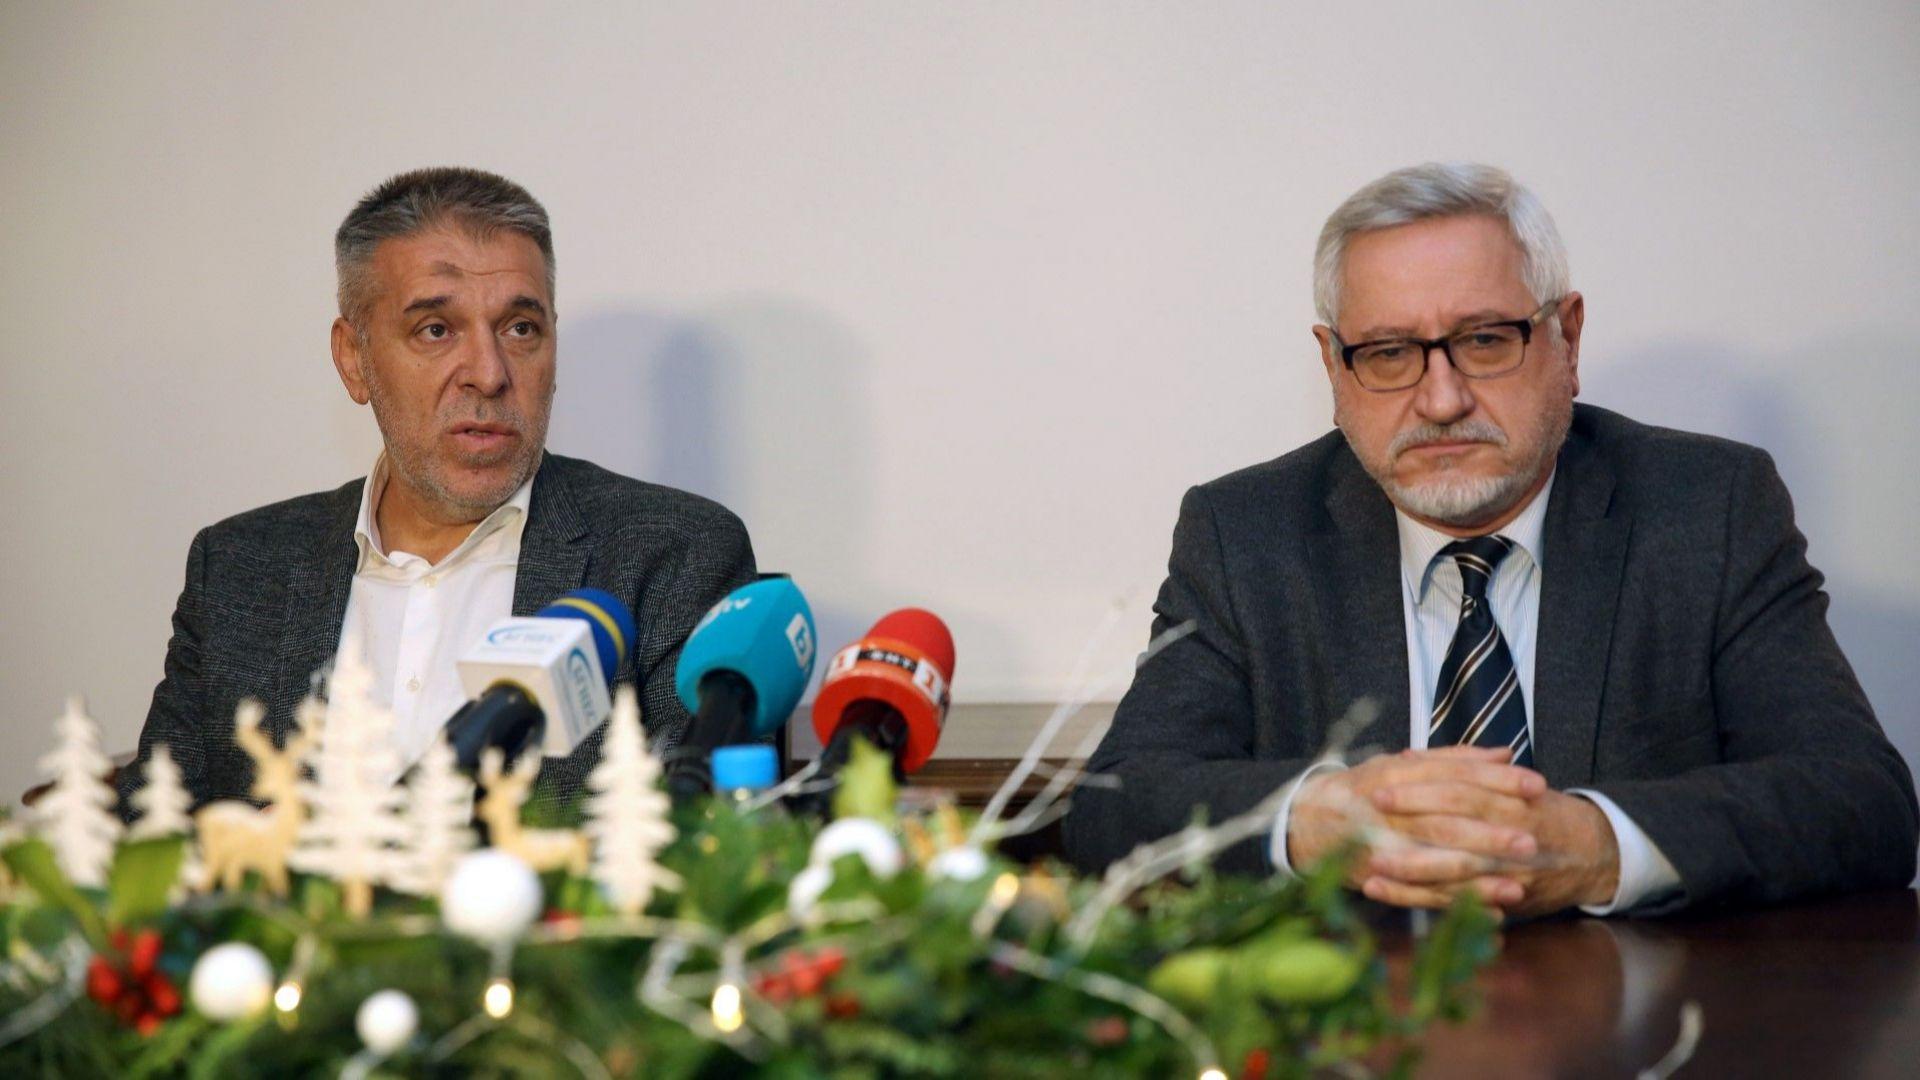 Северна Македония предложи пауза в срещите на експертната комисия до май 2020 г.